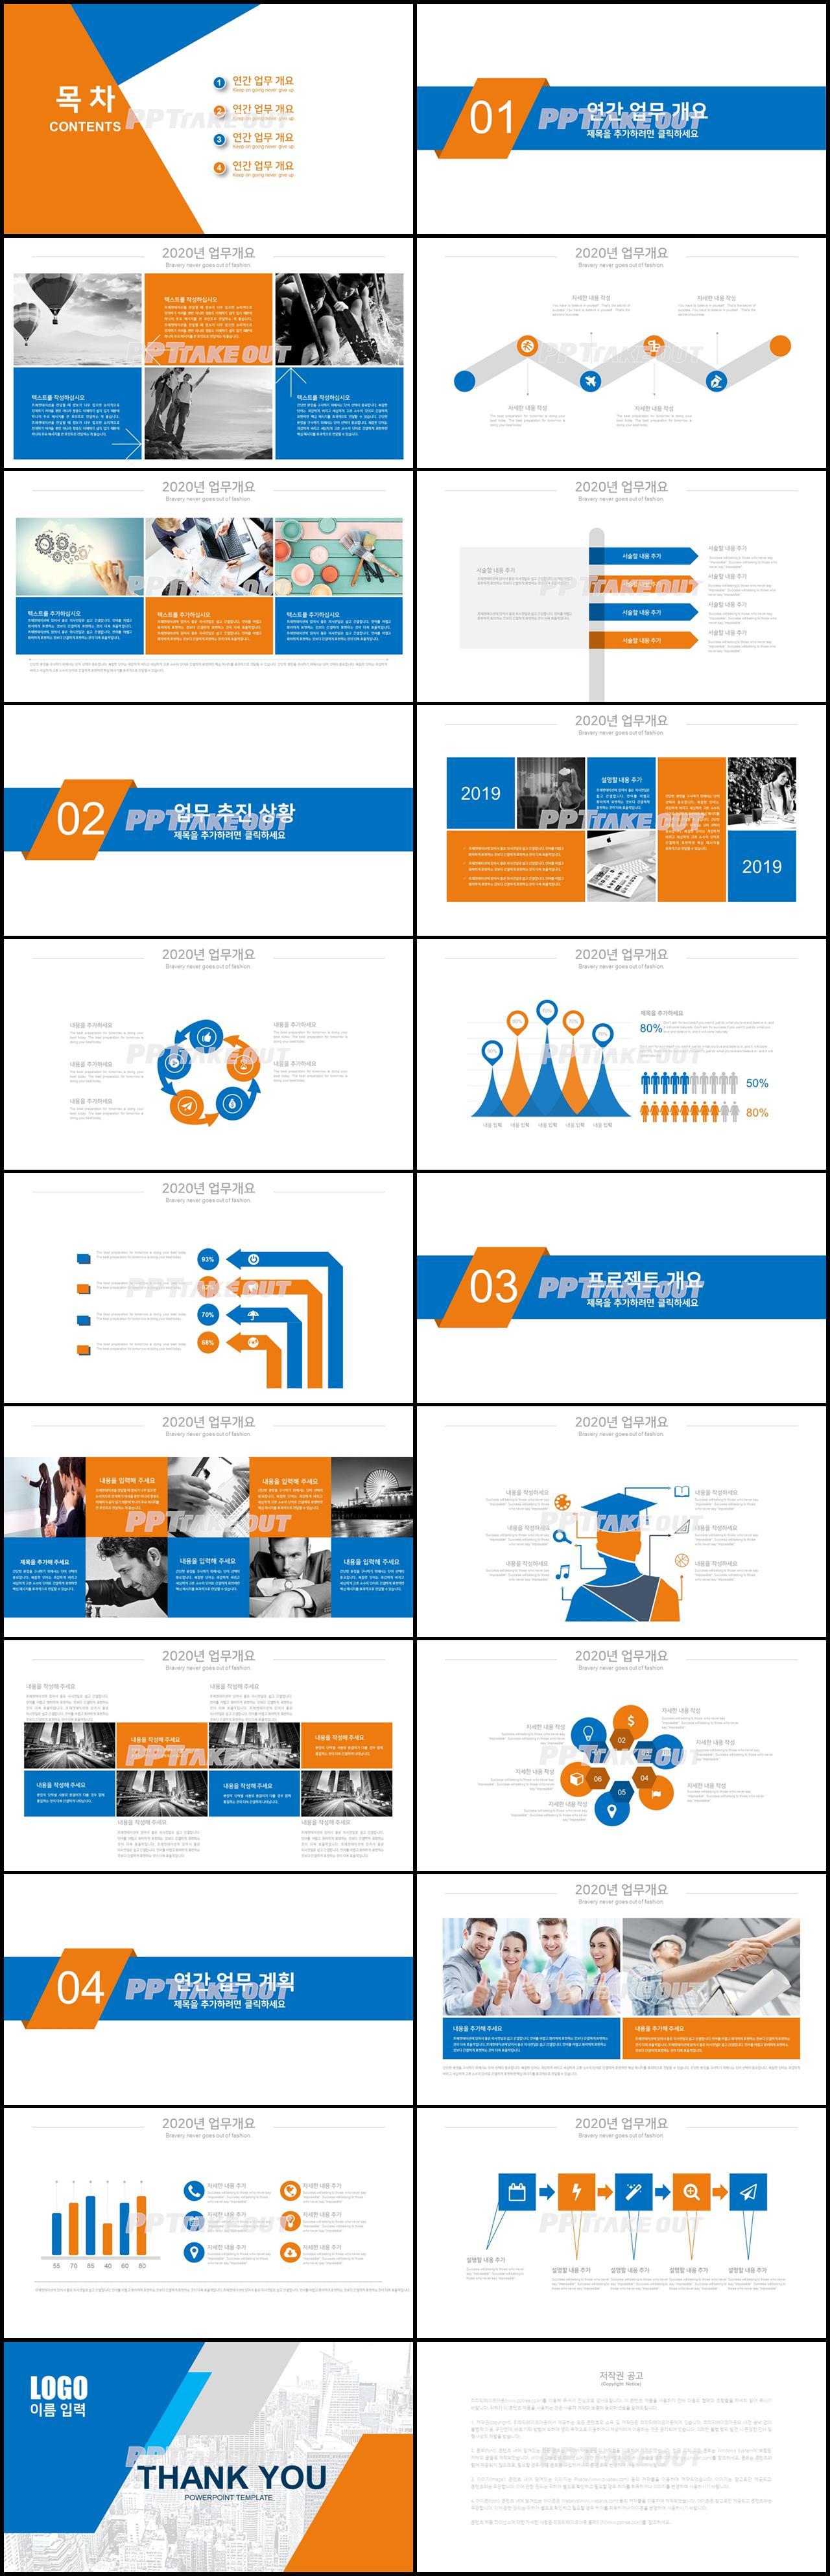 회사소개 하늘색 화려한 멋진 피피티템플릿 다운로드 상세보기